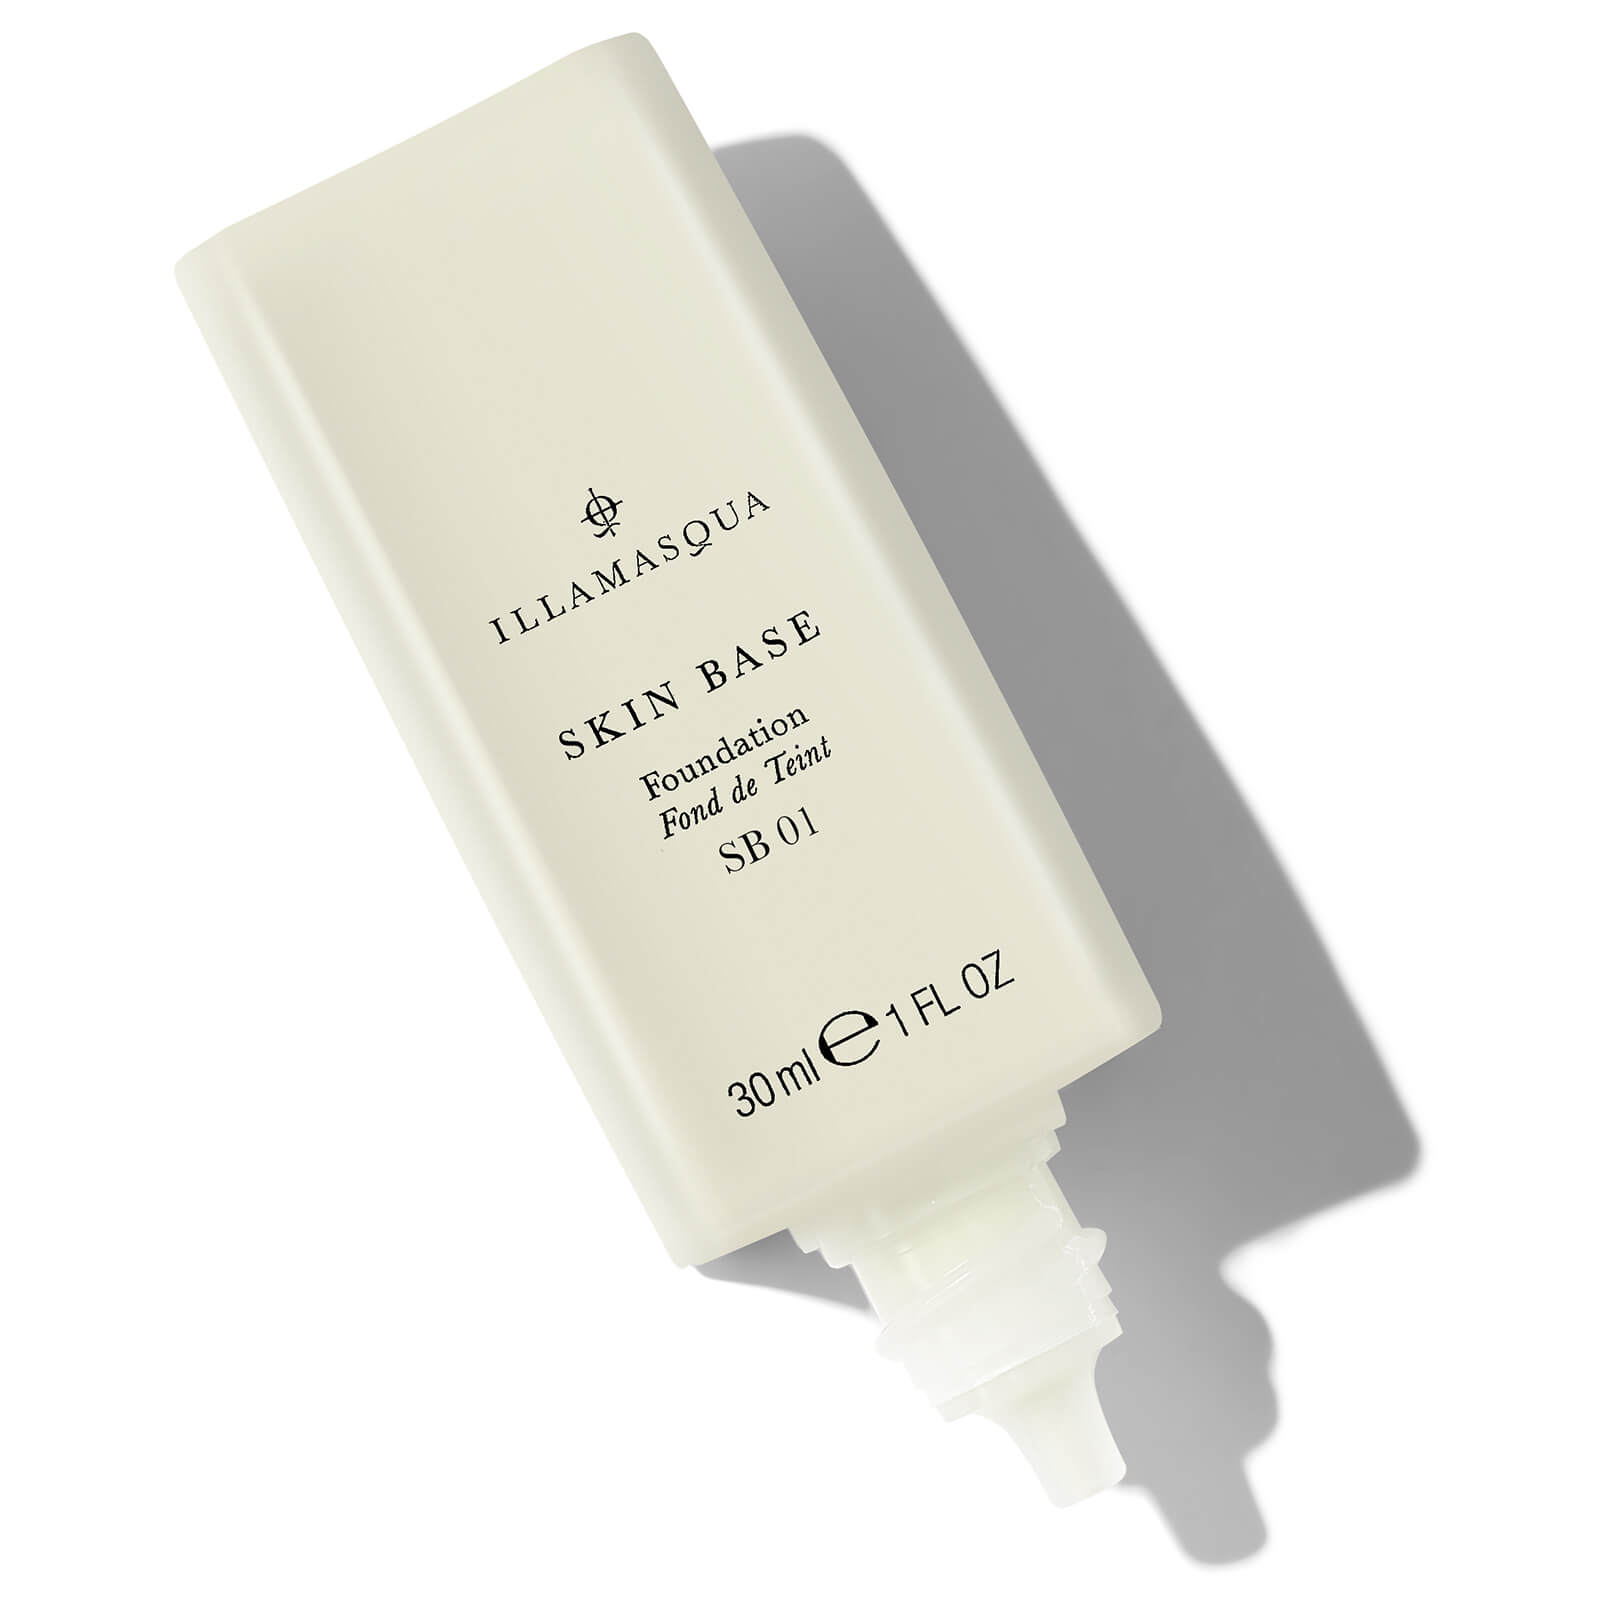 Illamasqua Skin Base Foundation - 01